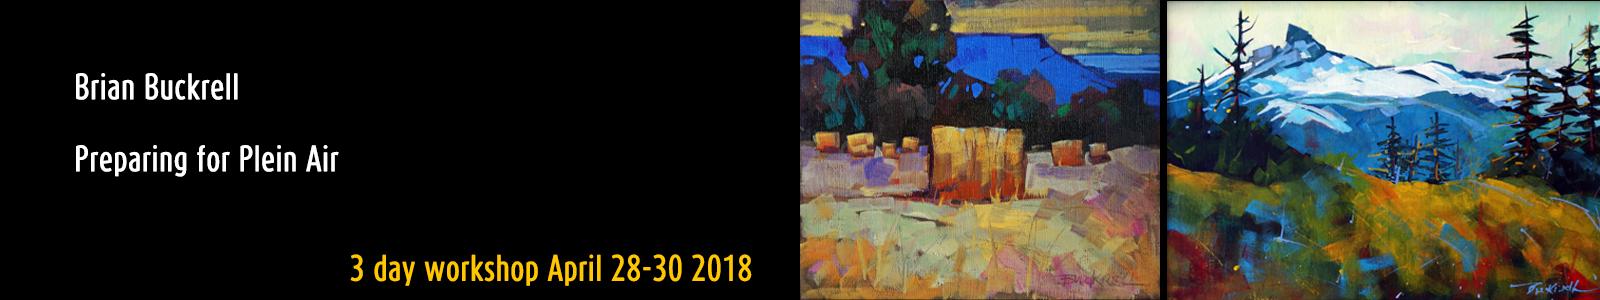 workshops-2018-buckrell